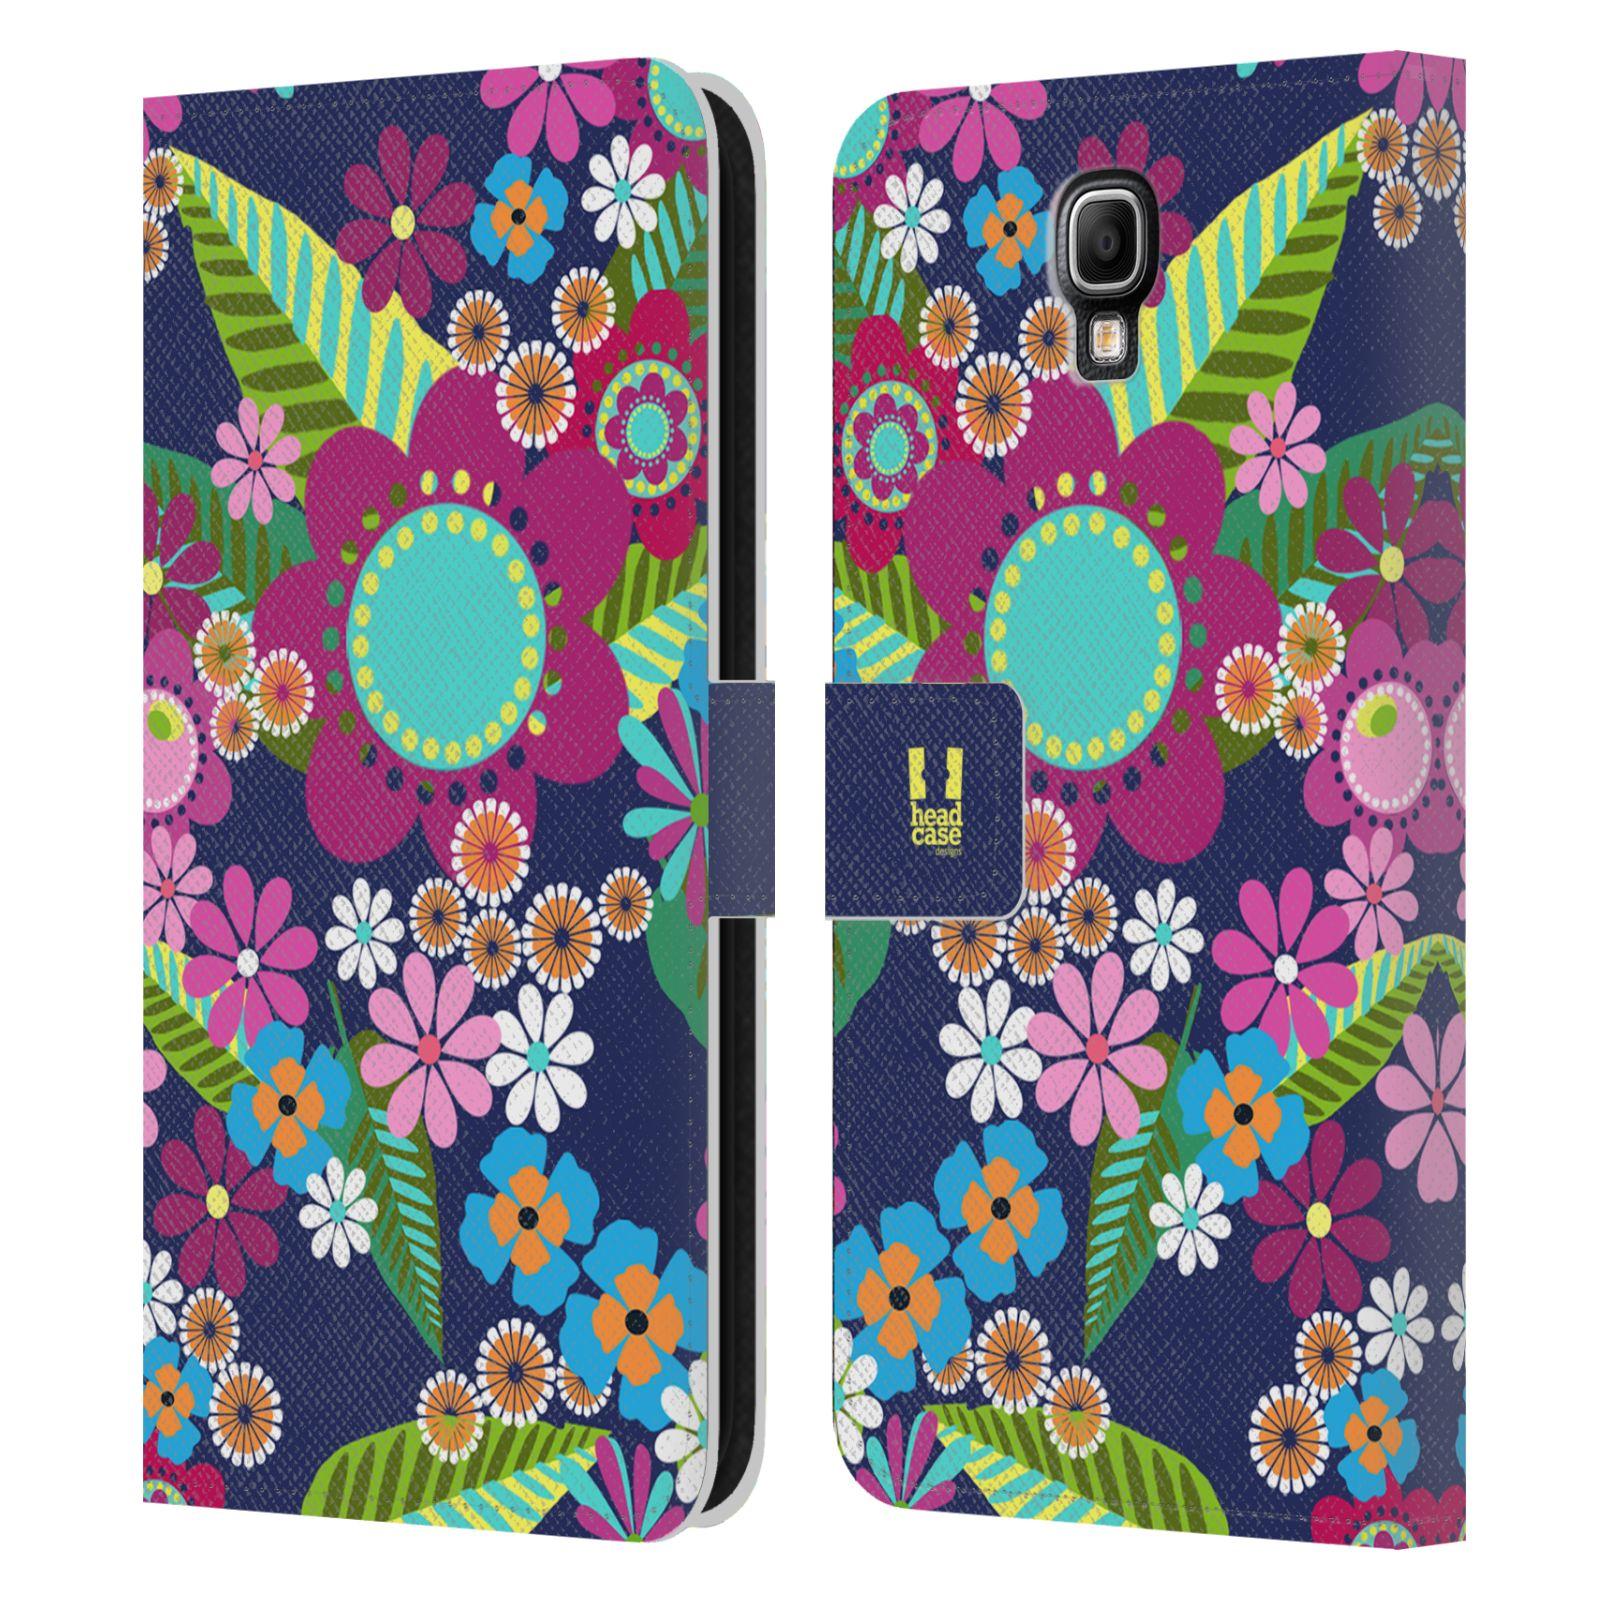 HEAD CASE Flipové pouzdro pro mobil Samsung Galaxy Note 3 NEO (N7505) BOTANIKA barevné květy modrá